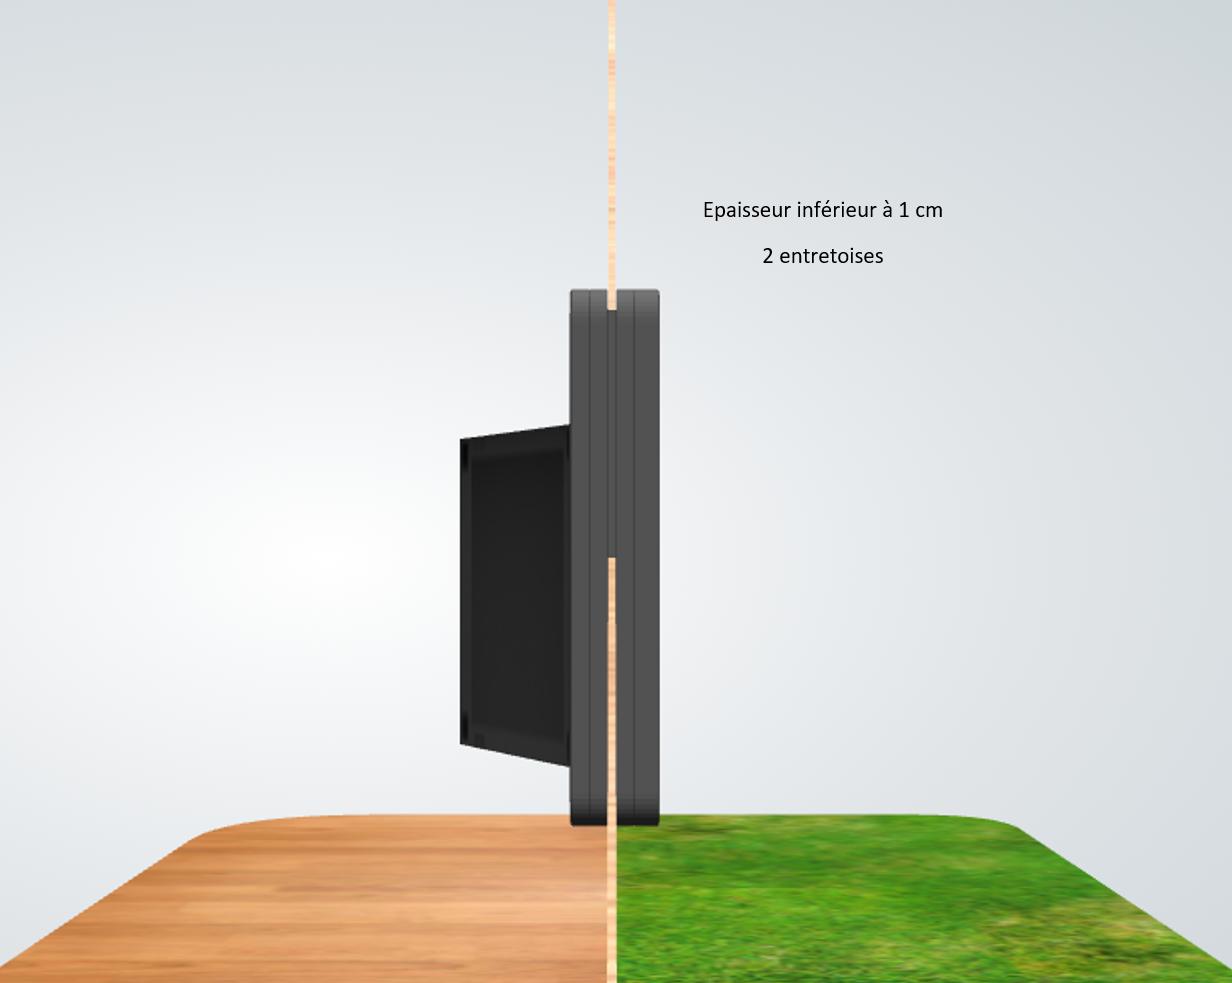 porte automatique odomestic entretoise épaisseur inférieur à 1 cm